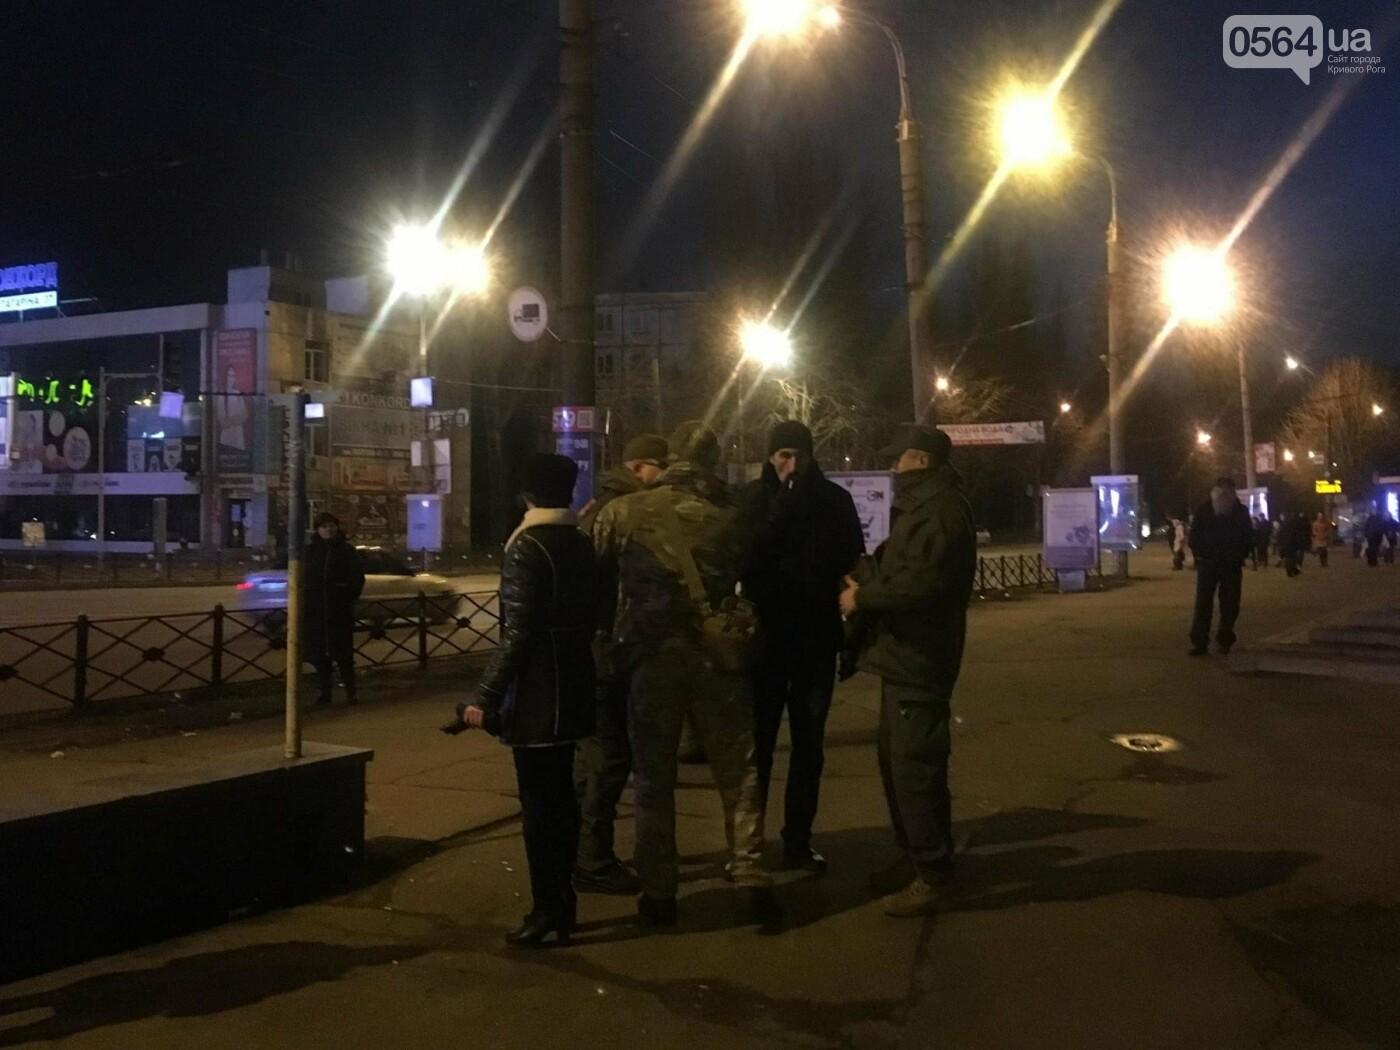 В Кривом Роге проходит Факельный марш в честь Дня рождения Степана Бандеры (ФОТО, ВИДЕО), фото-9